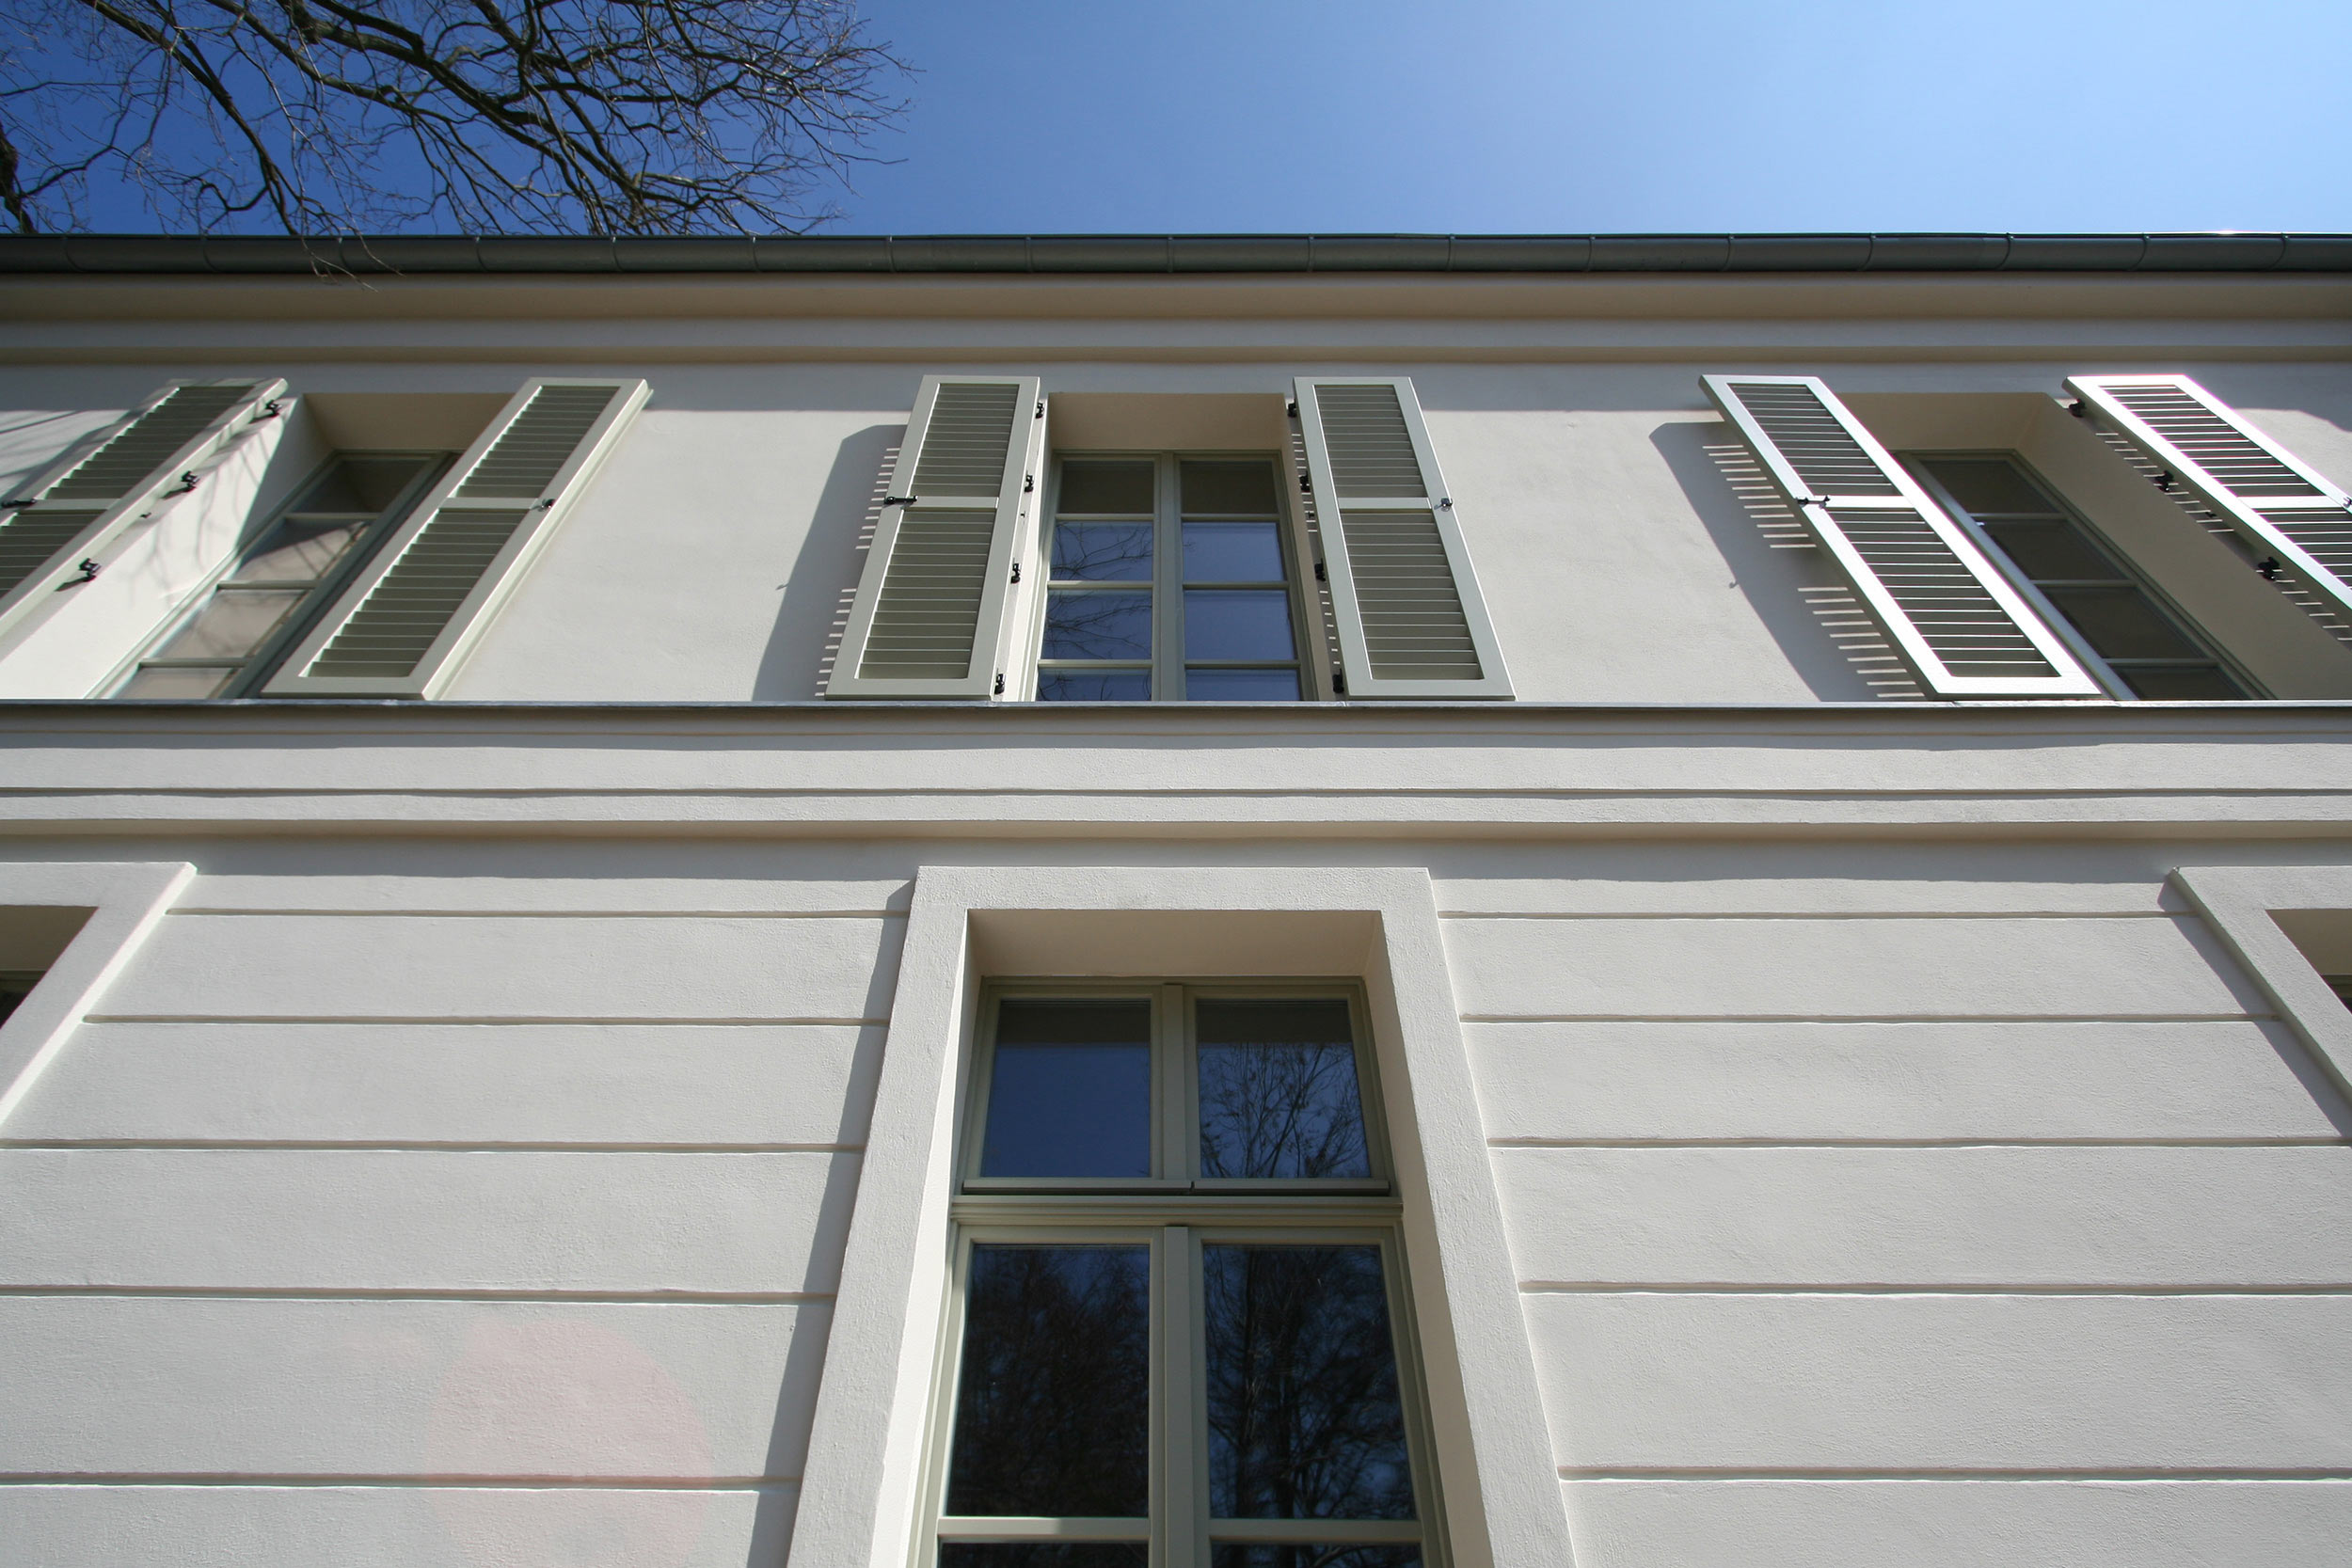 Holzfensterläden, Gesimse und Faschen erzeugen einen lebendigen Schattenwurf.